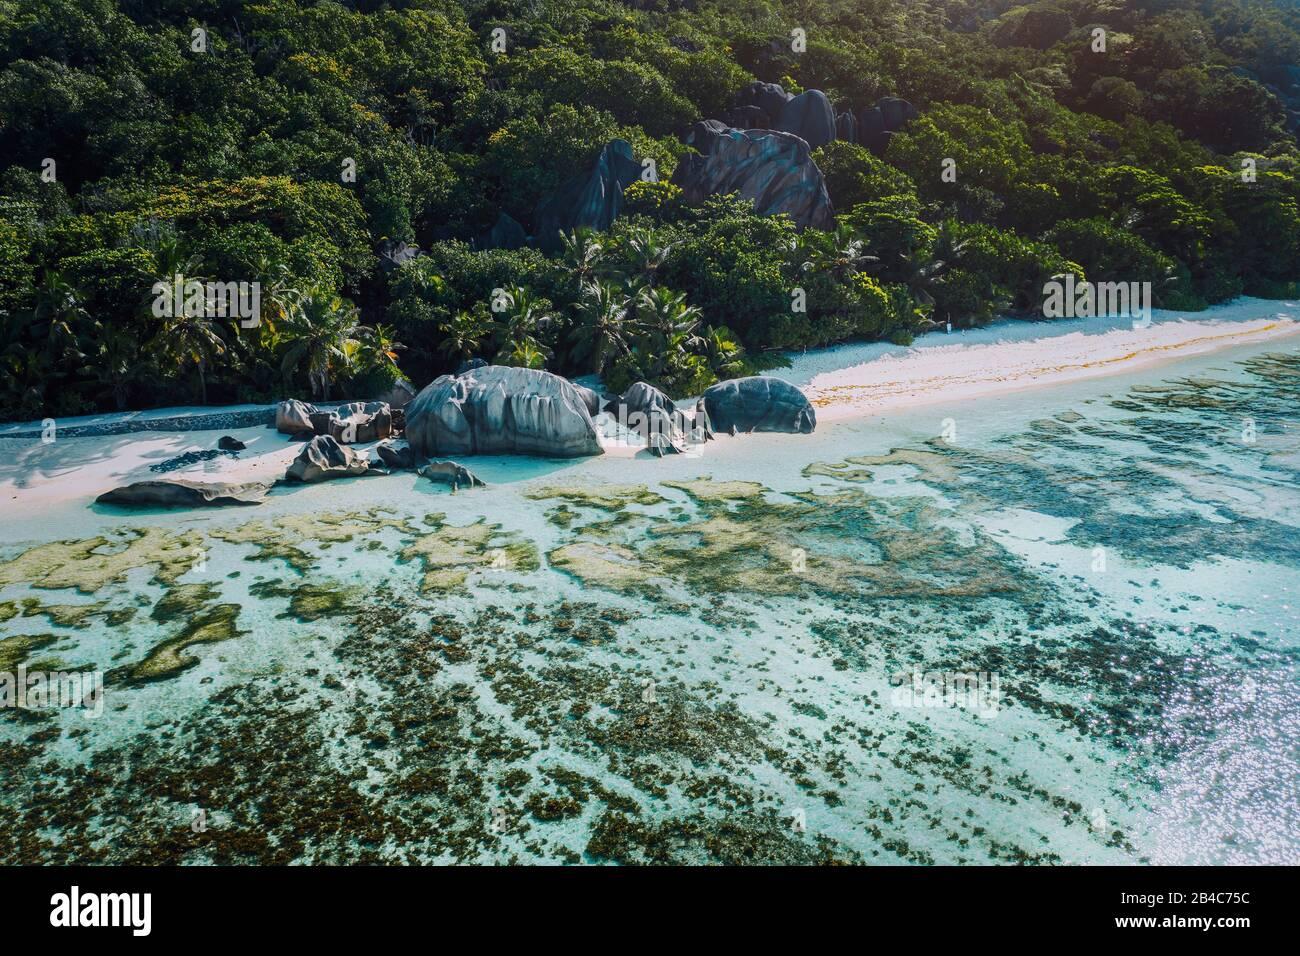 Vista aérea de la bahía con aguas poco profundas a primera hora de la mañana de la playa tropical única Anse Source D'Argent, la Digue Seychelles. Concepto de viaje exótico de lujo. Foto de stock